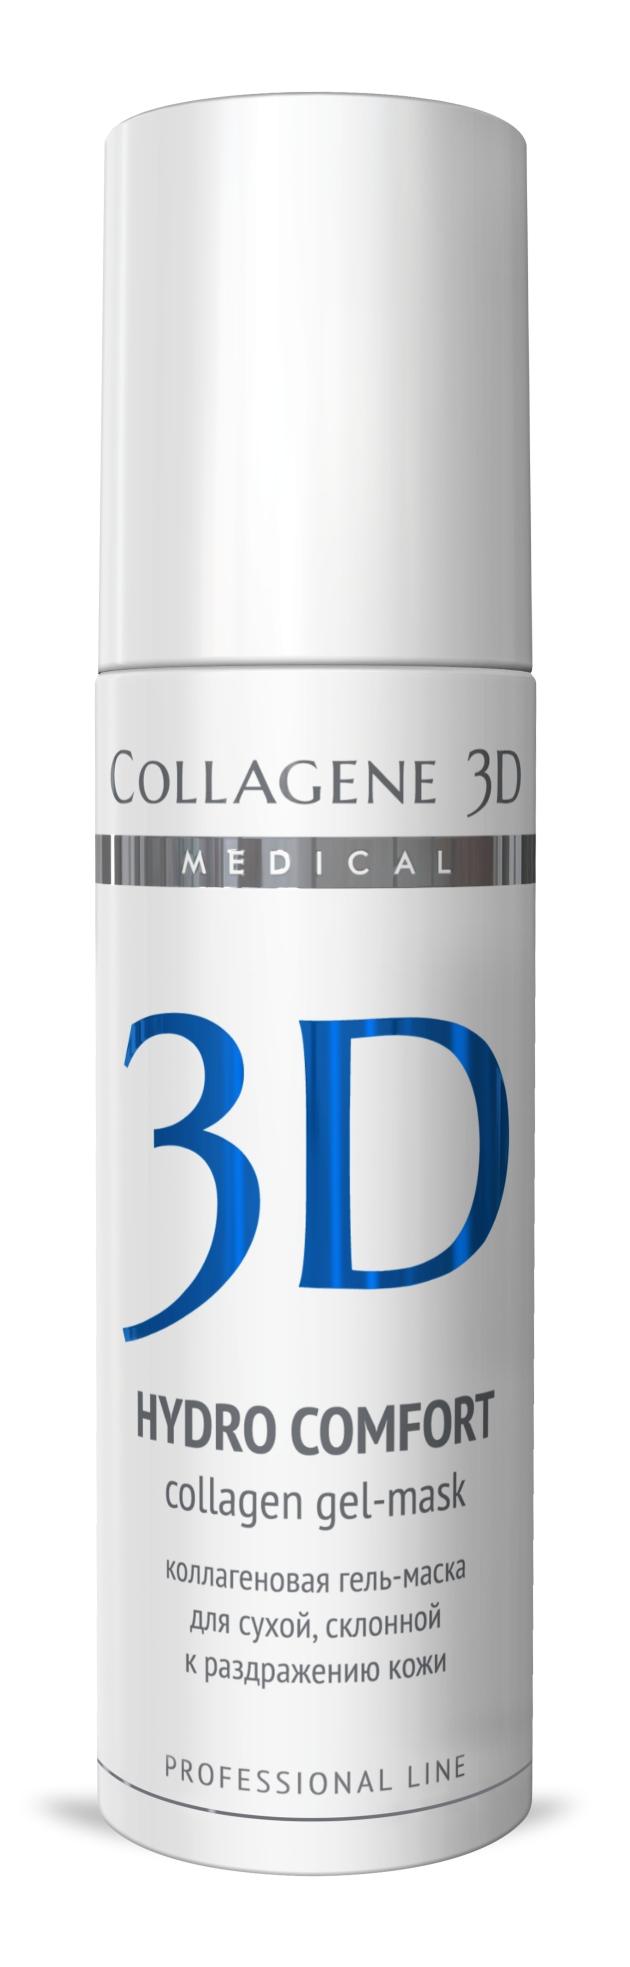 MEDICAL COLLAGENE 3D Гель-маска коллагеновая с аллантоином Hydro Comfort 130мл проф.Маски<br>Гель-маска подходит для проведения самостоятельной процедуры, а также сочетается с аппаратными методиками, может применяться в качестве концентрата под альгинатную маску или обертывания. Аллантоин, входящий в состав гель-маски, оказывает заживляющее, противовоспалительное, смягчающее и увлажняющее действие, снижает болевые ощущения. Нативный трехспиральный коллаген служит источником структурных компонентов дермы, стимулирует процессы обновления кожи. Активные ингредиенты: нативный трехспиральный коллаген, аллантоин. Способ применения: косметическая маска: очистить кожу косметическим молочком MILKY FRESH и тонизировать фитотоником NATURAL FRESH. Сделать пилинг, если потребуется. Нанести гель-маску на кожу тонким слоем. Сразу после того, как гель впитается, увлажнить кожу водой и поверх первого слоя нанести второй слой гель-маски. Время экспликации 5-15 минут (в зависимости от степени влажности помещения и особенностей кожи клиента, гель-маска может впитываться очень быстро). Если после полного поглощения кожей гель-маски останется чувство стянутости, следует удалить остатки микрослоя гель-маски при помощи фитотоника NATURAL FRESH. Нанести средство ухода за кожей век и крем MEDICAL COLLAGENE 3D по выбору косметолога.<br><br>Объем: 130